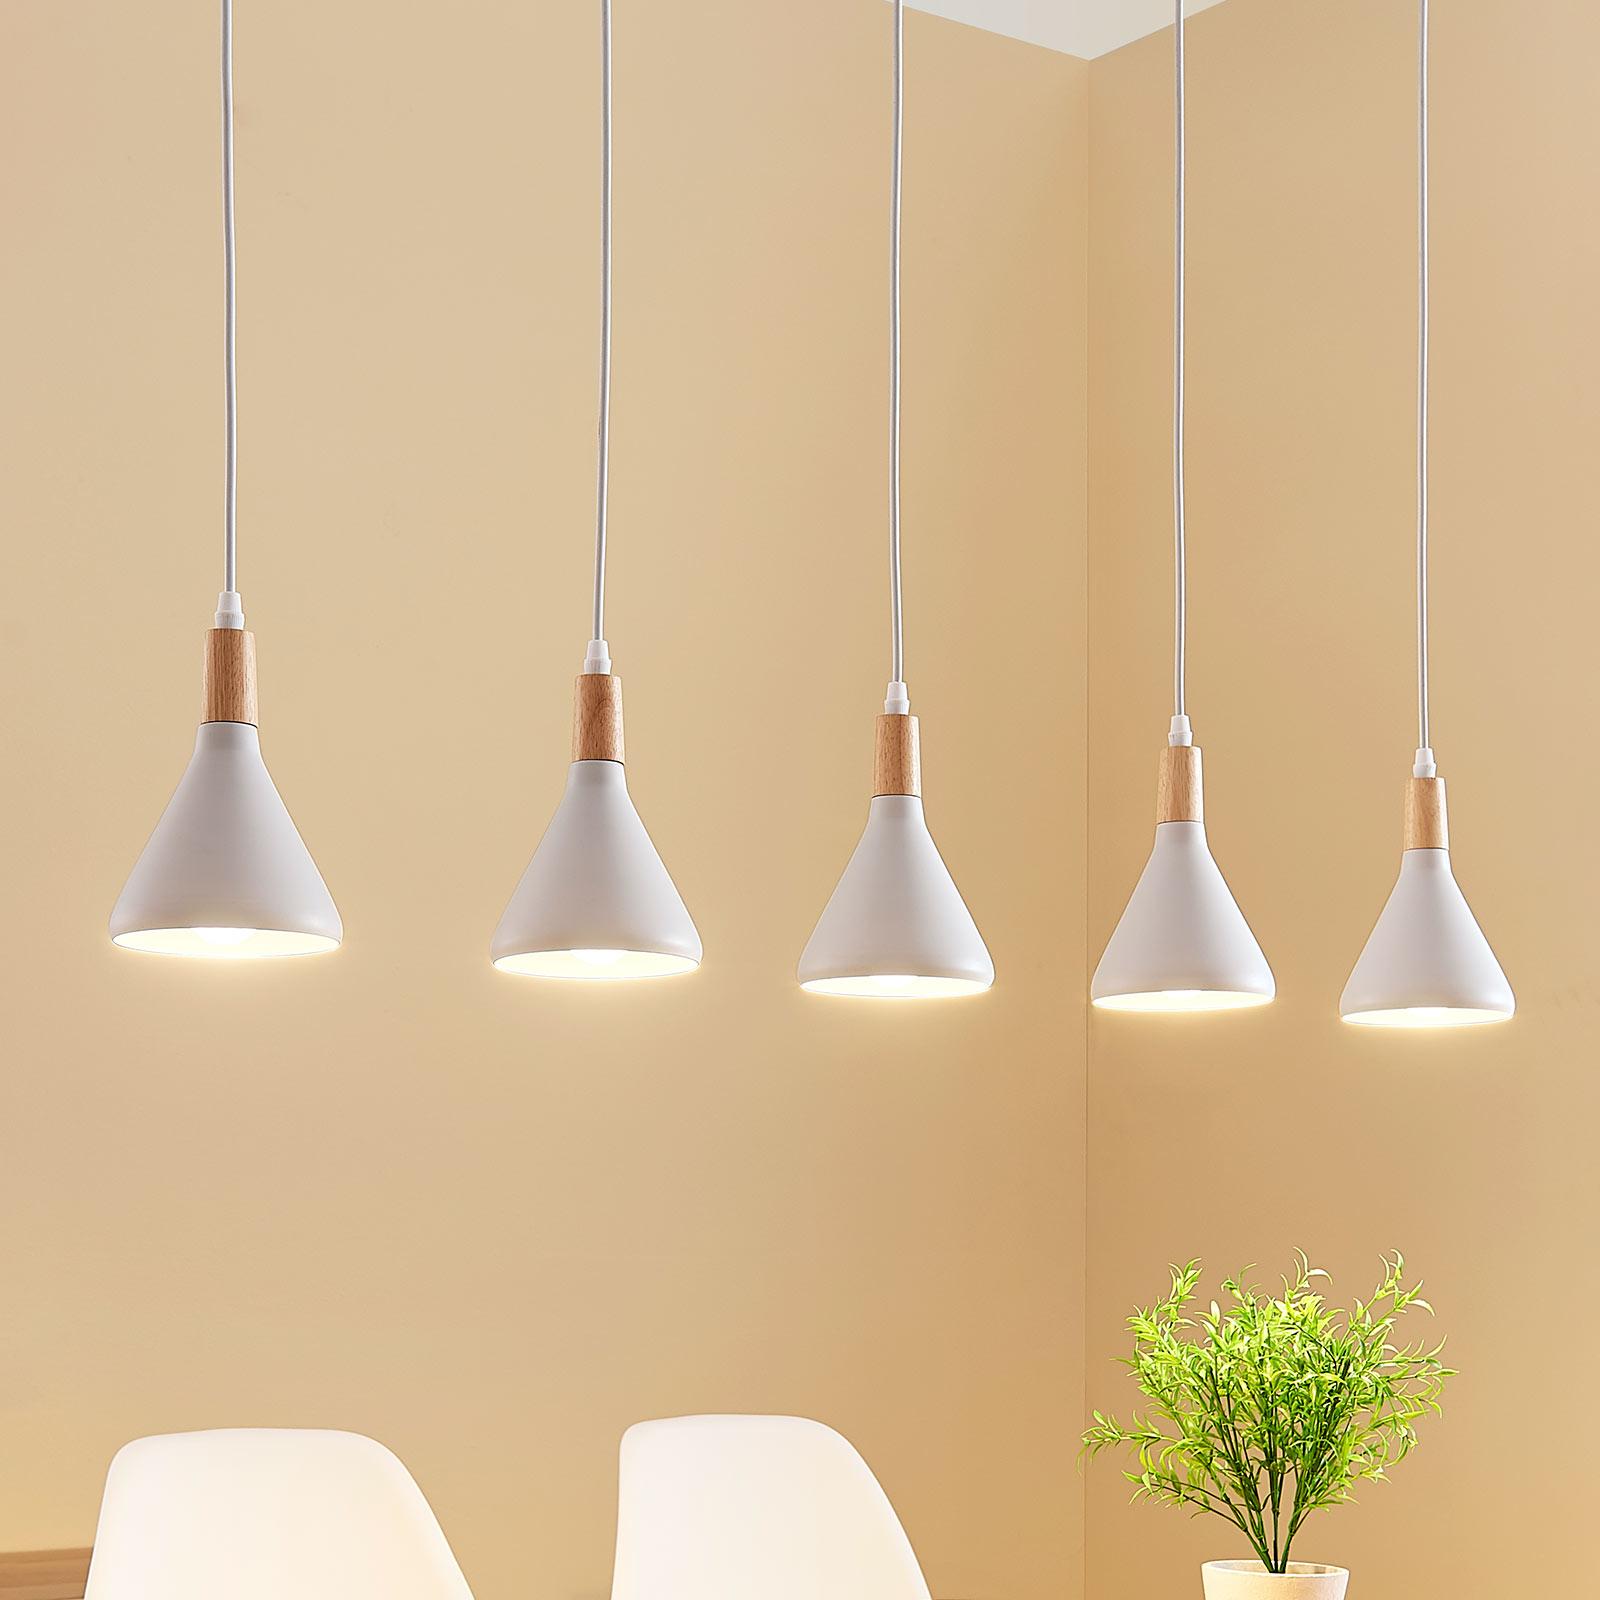 LED-taklampa Arina i vitt med 5 ljuskällor